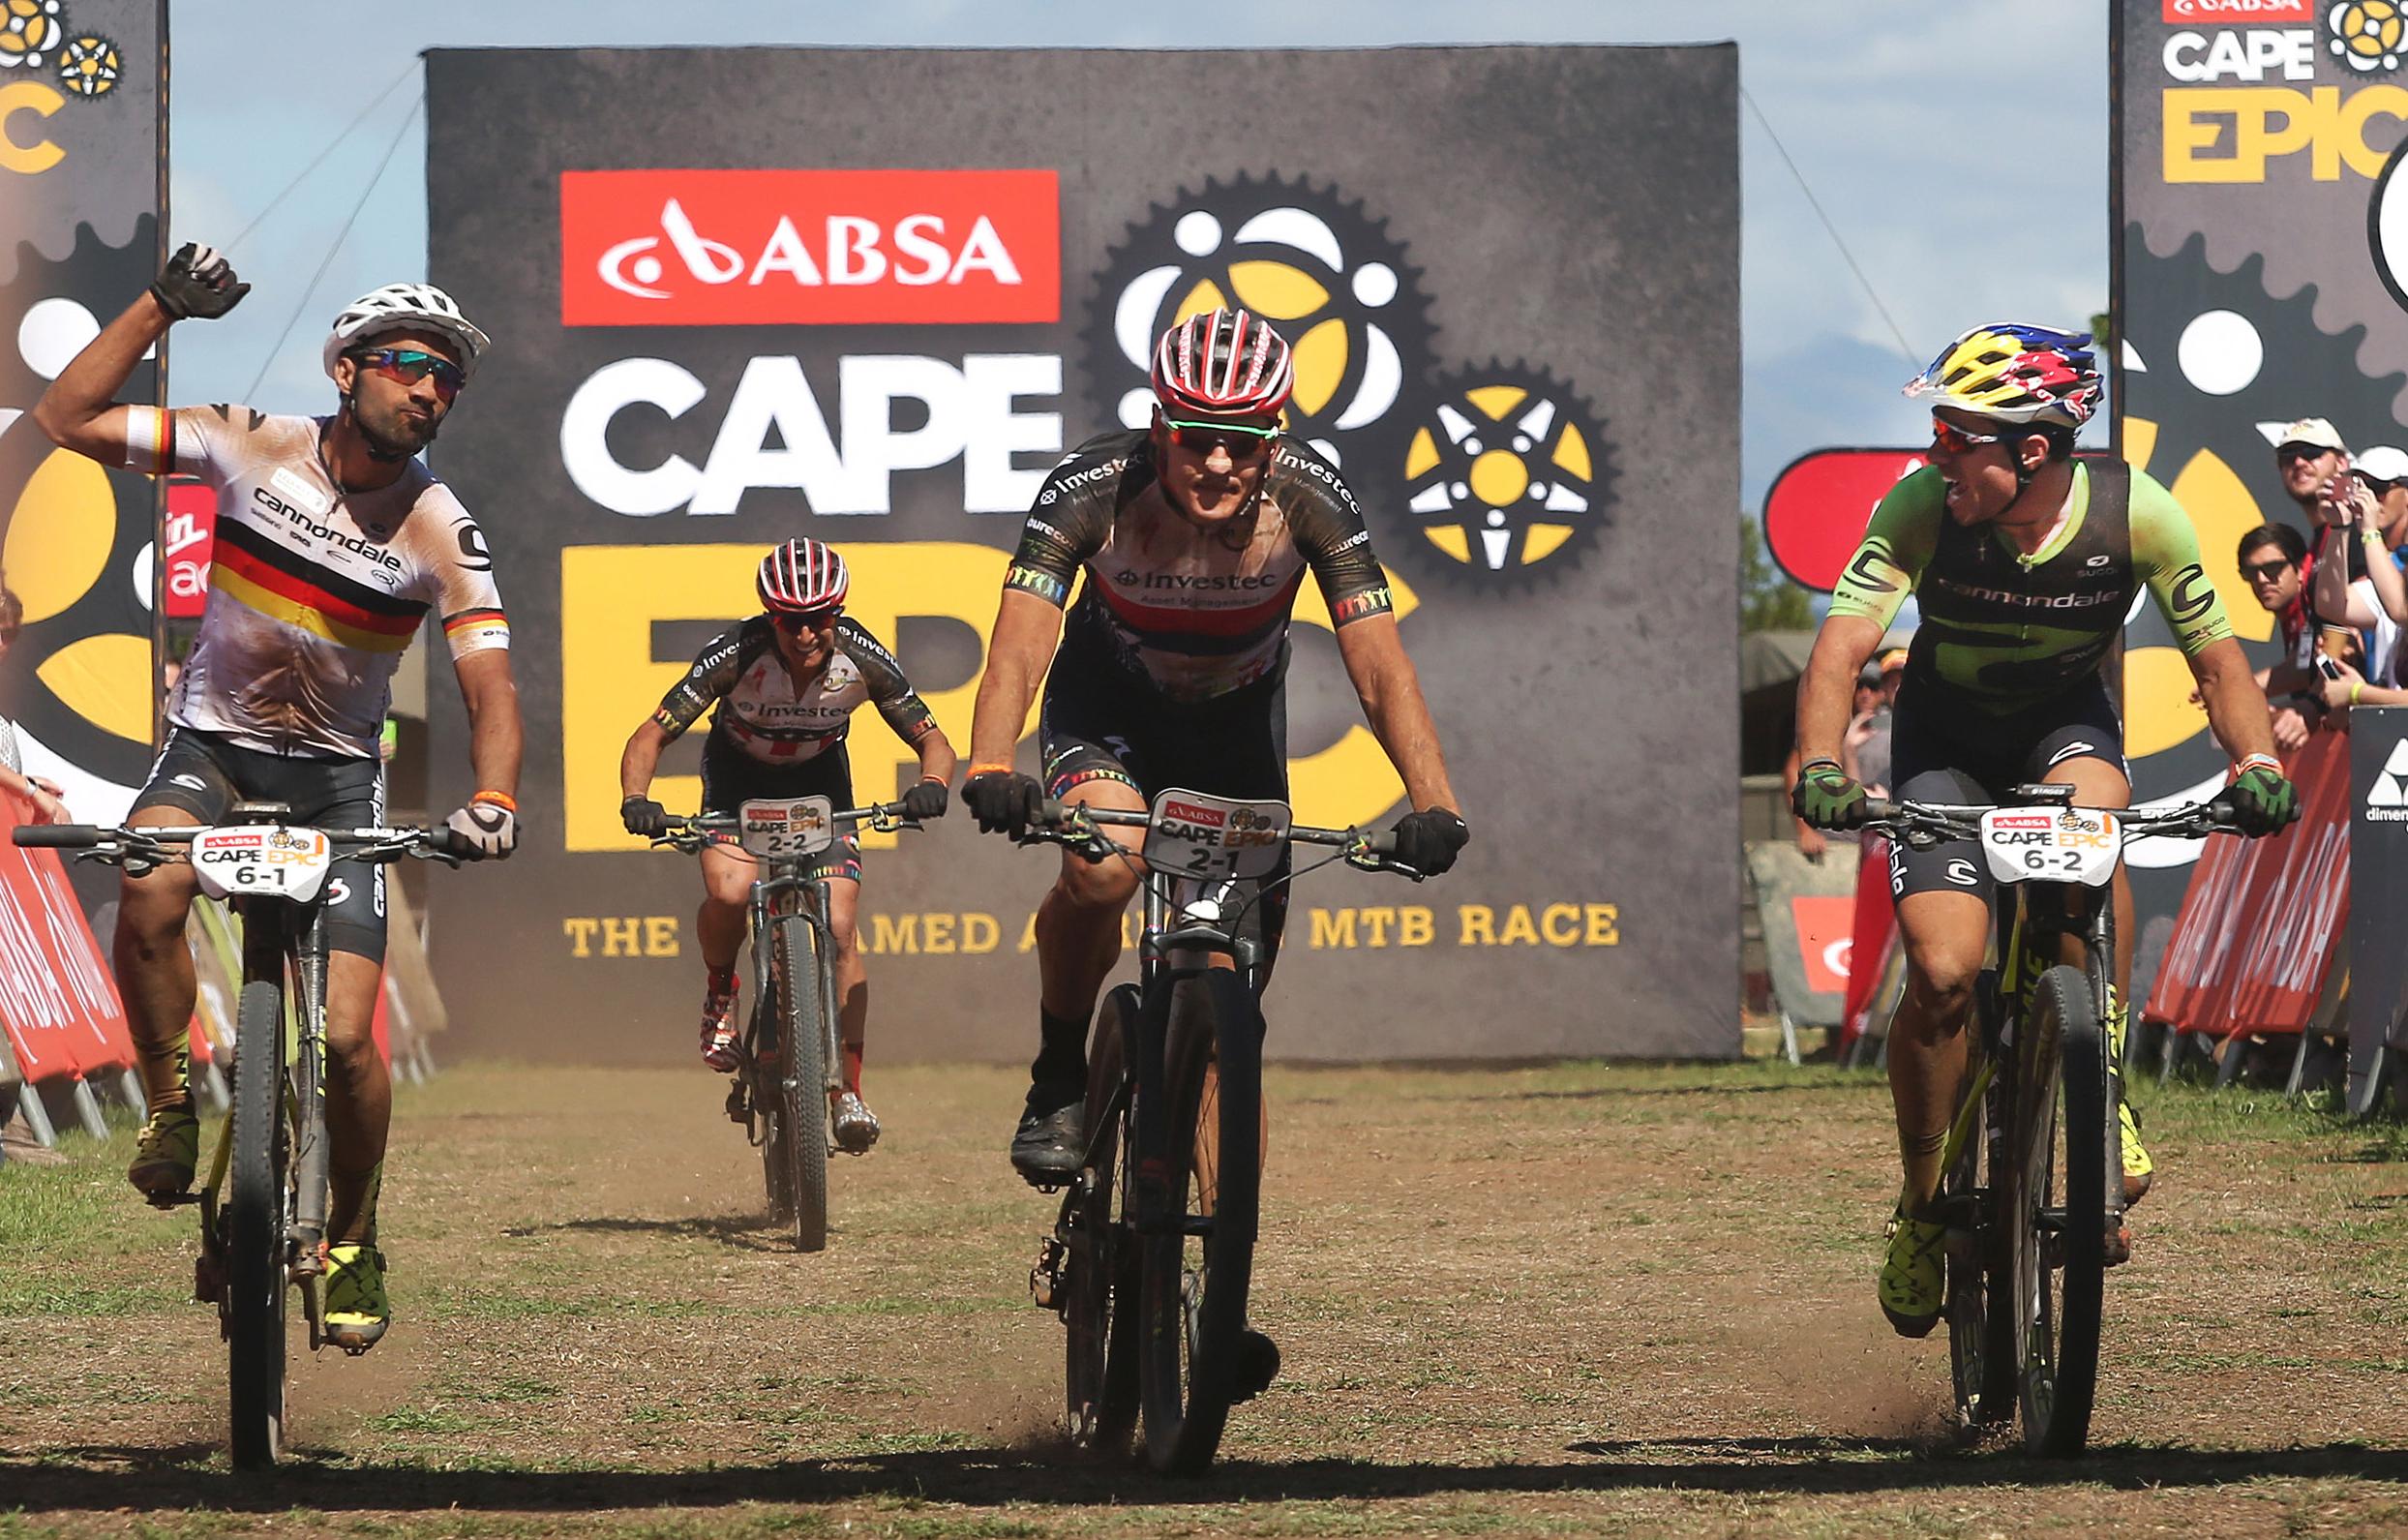 Zieleinlauf Etappe 1 ©Shaun Roy/CapeEpic/Sportzpics